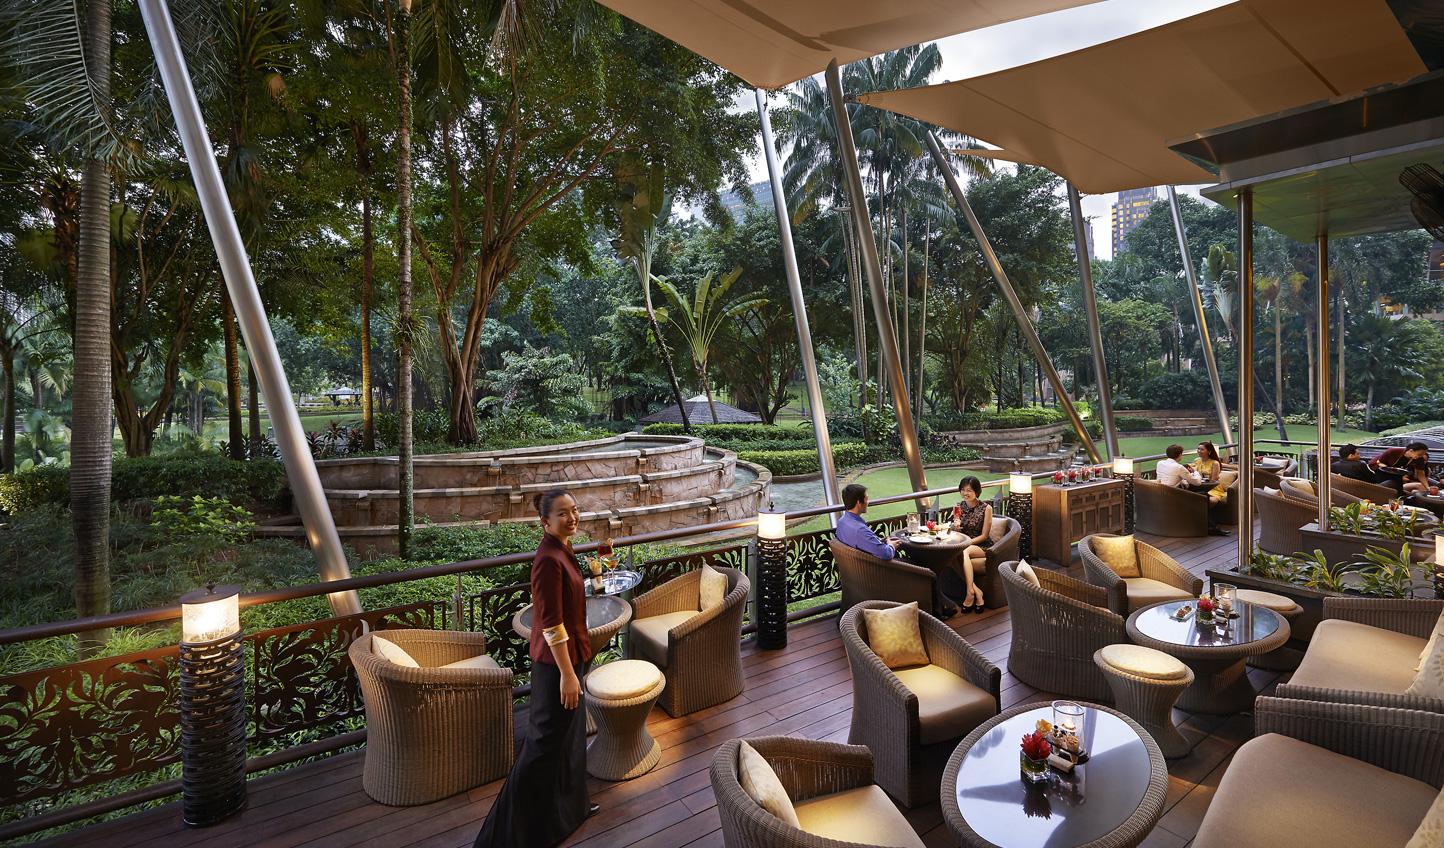 Dine al fresco amid tropical gardens